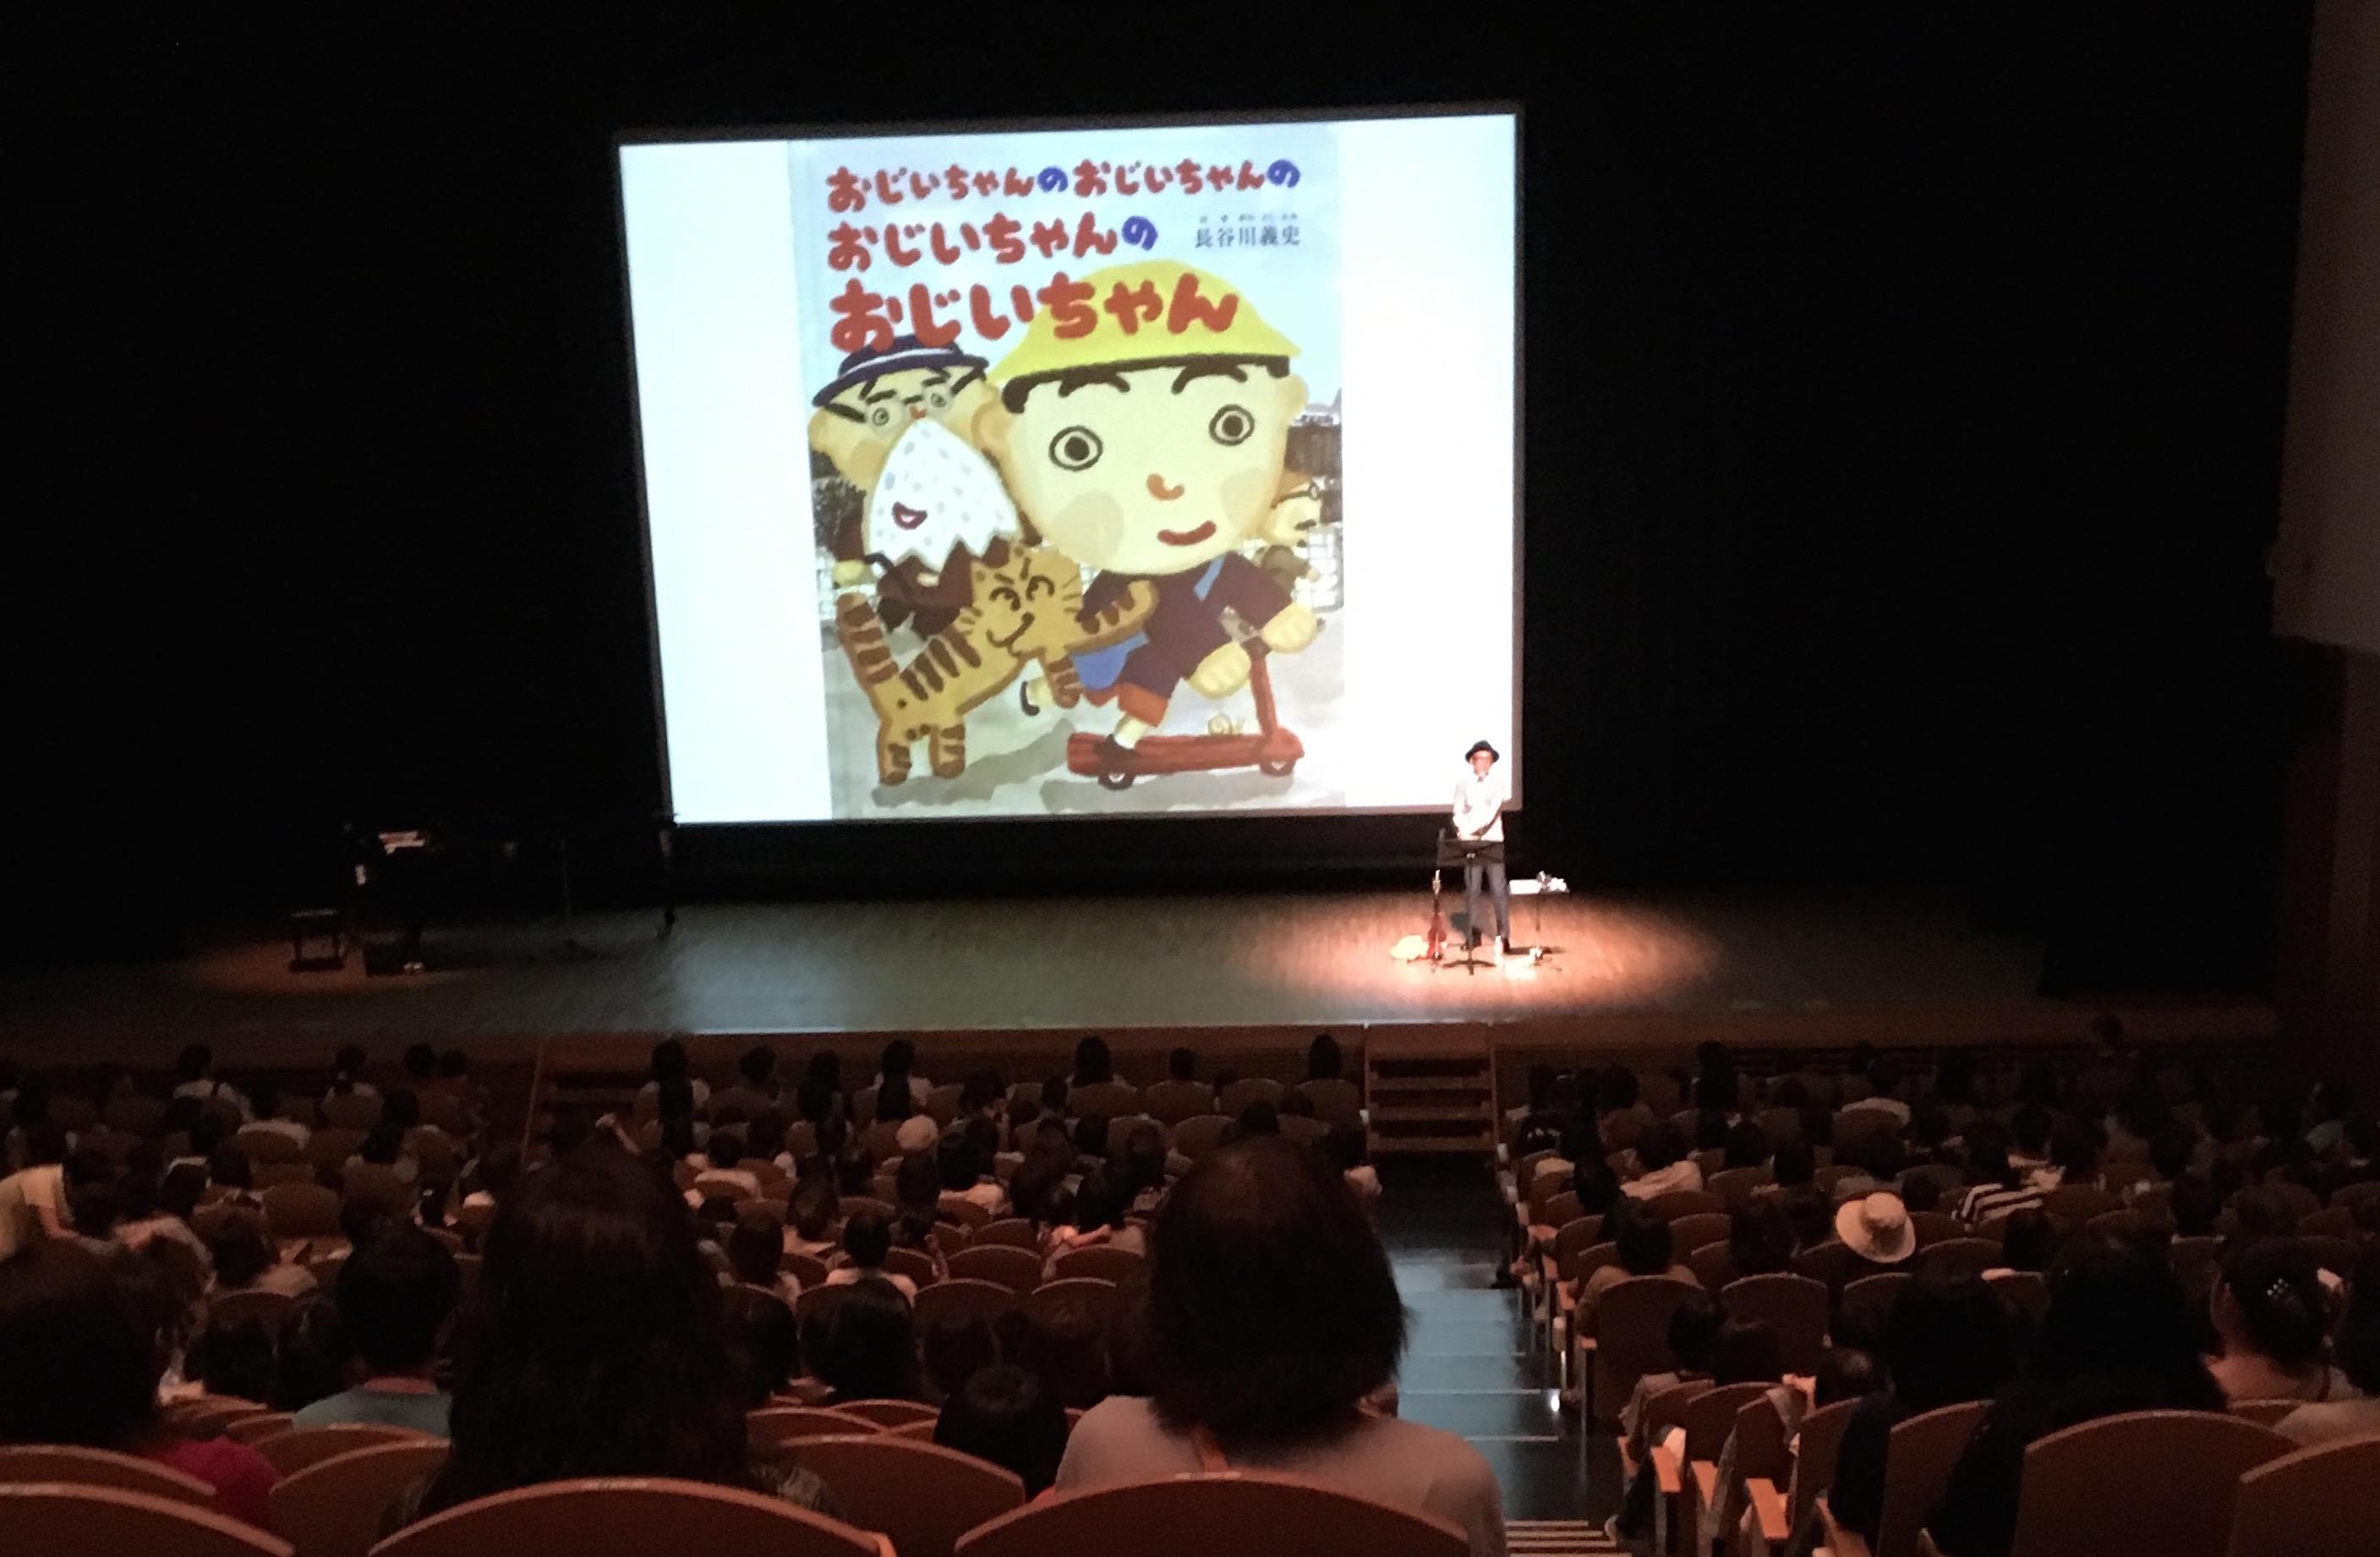 長谷川義史さんの絵本ライブが逗子で